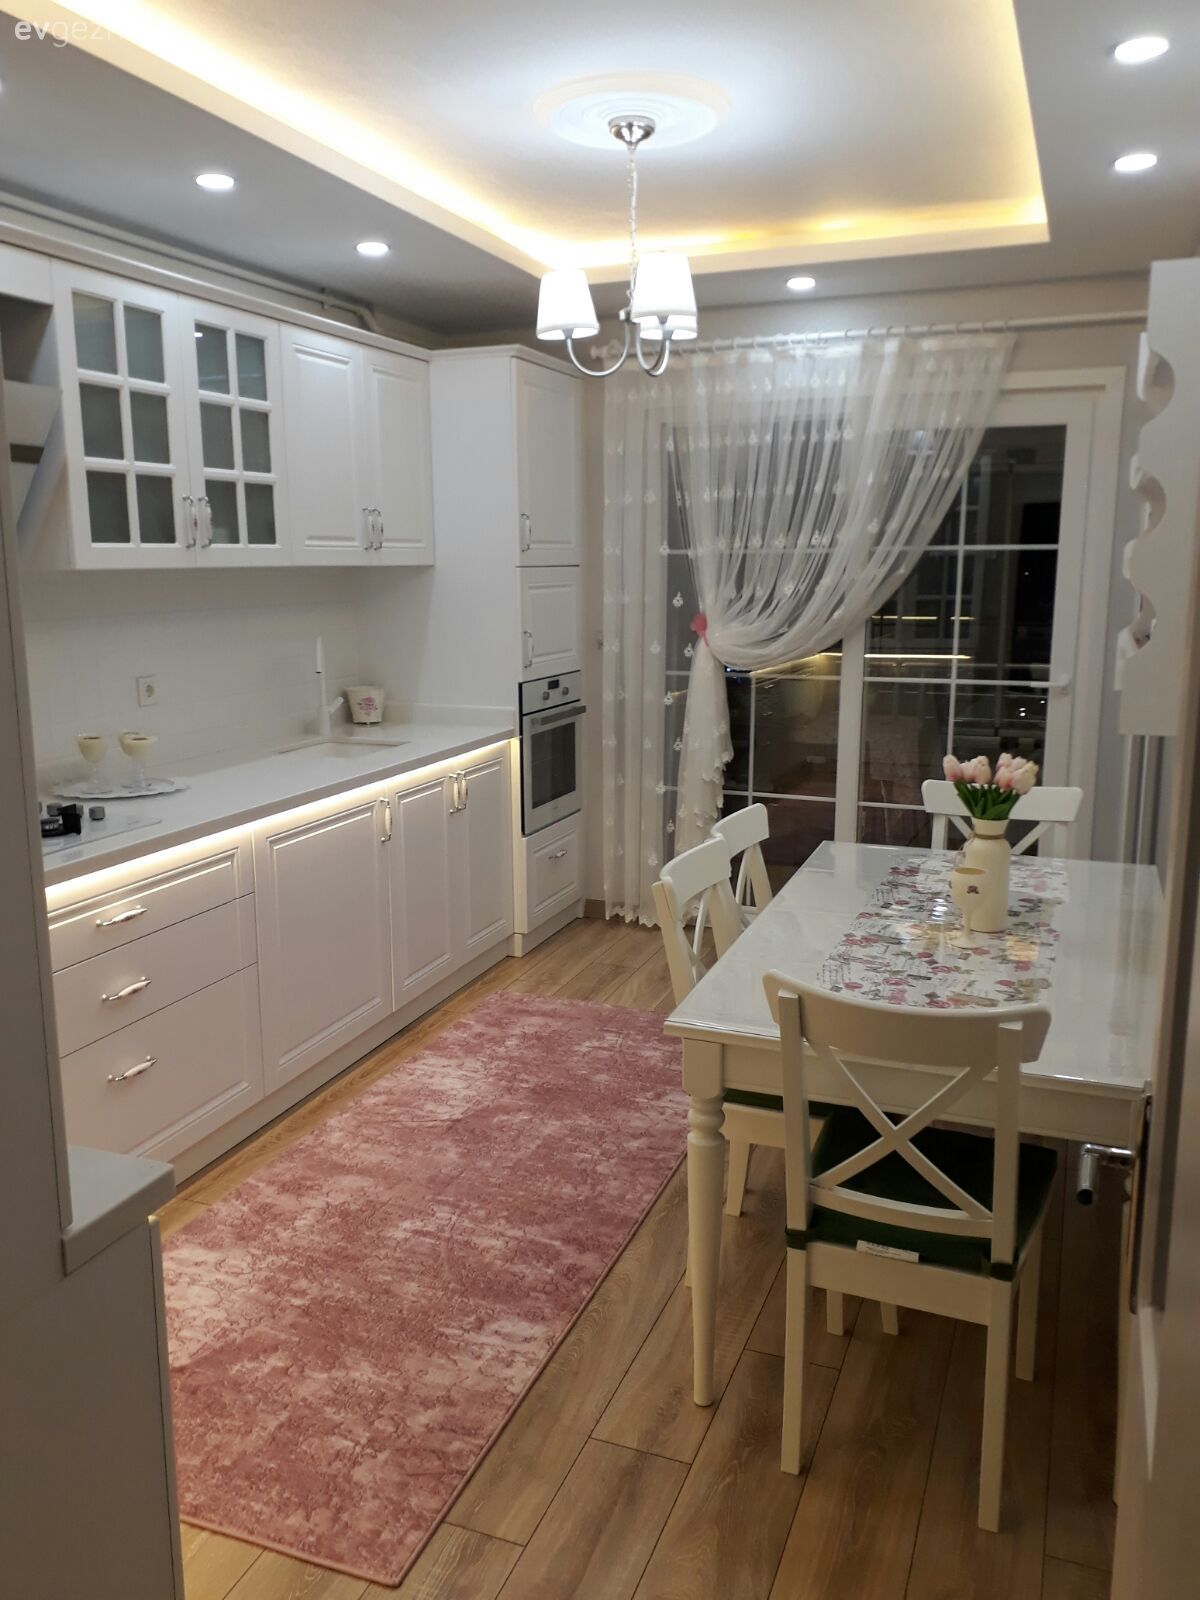 Tadilat sonrası çok zevkli bir ortam. Esra hanımın mutfağının dönüşümü.. | Ev Gezmesi #home